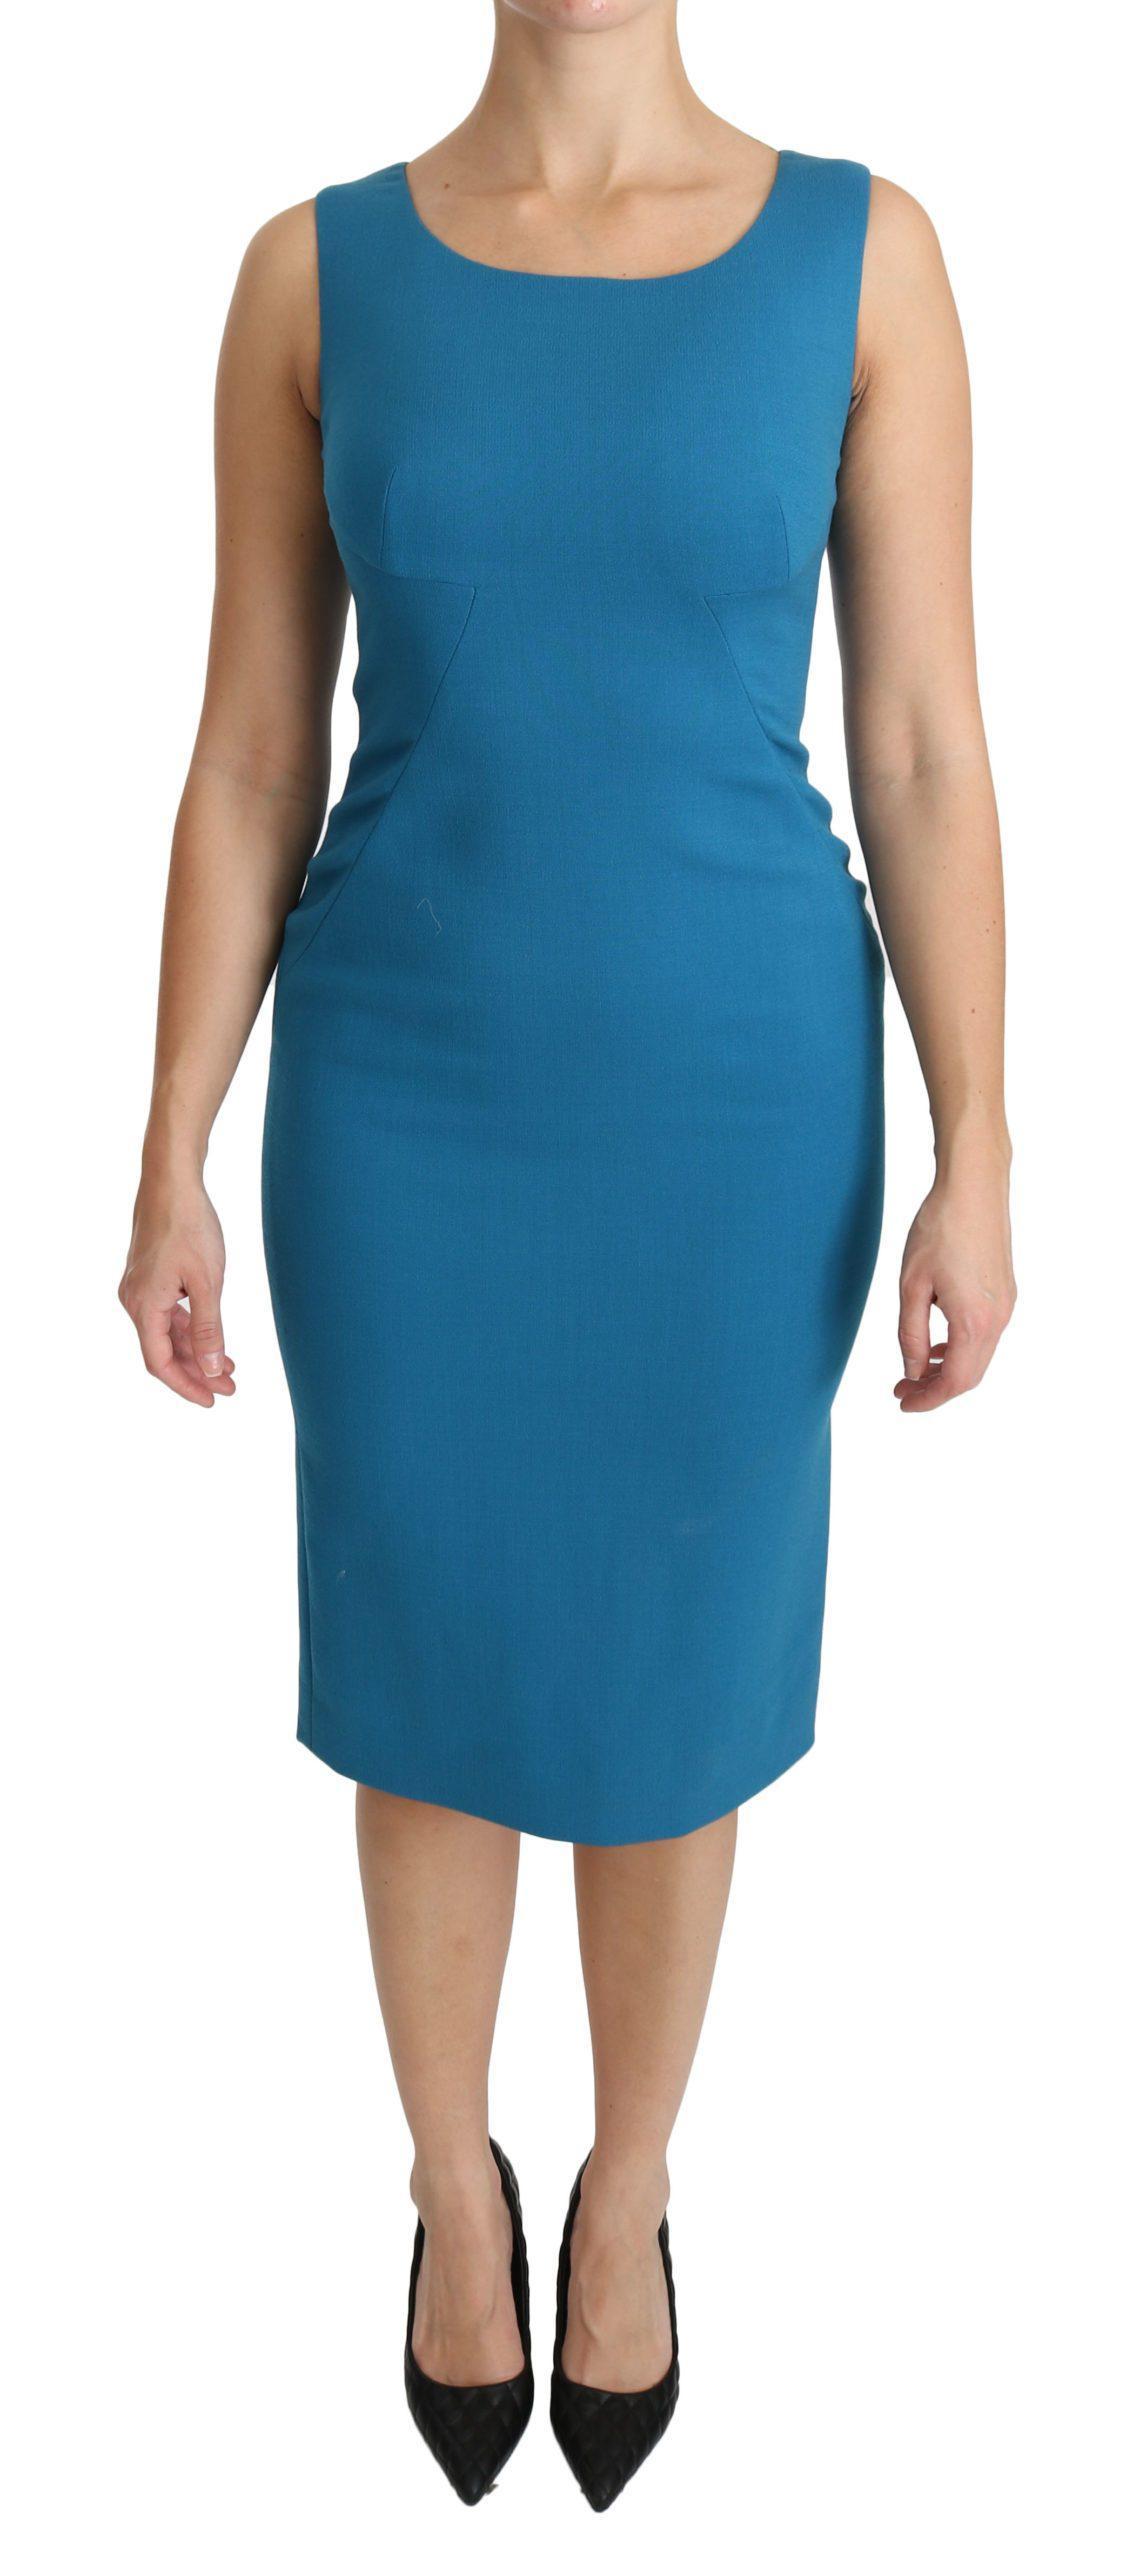 Dolce & Gabbana Women's Sheath Knee Length Wool Dress Blue DR2161 - IT36|XXS